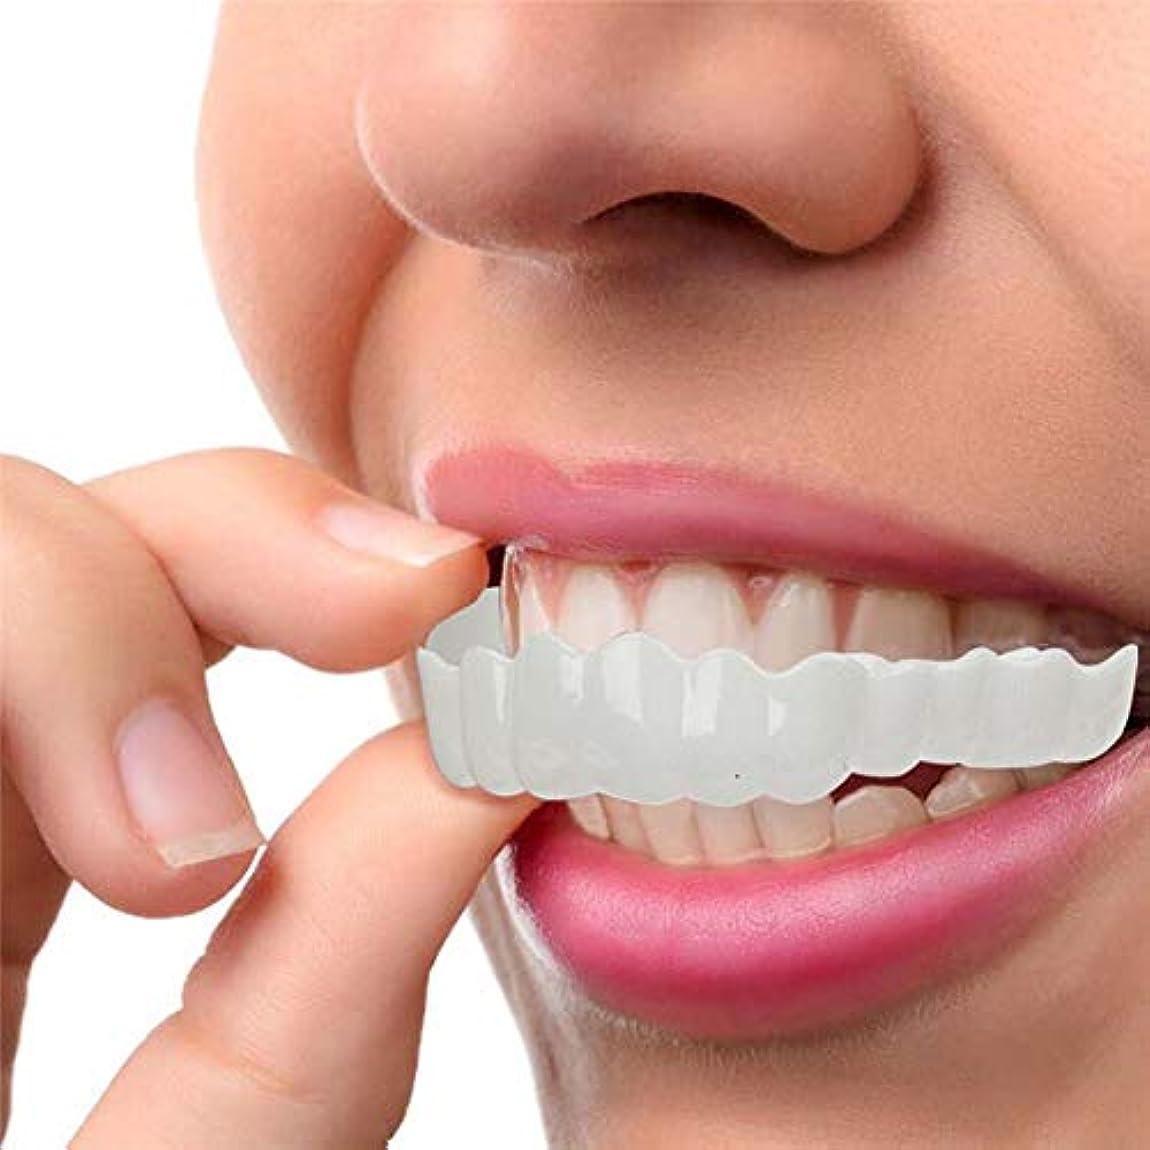 台風十年速度化粧品の歯、白い歯をきれいにするための快適なフィットフレックス歯ソケット、超快適、快適なフィット感、5セット